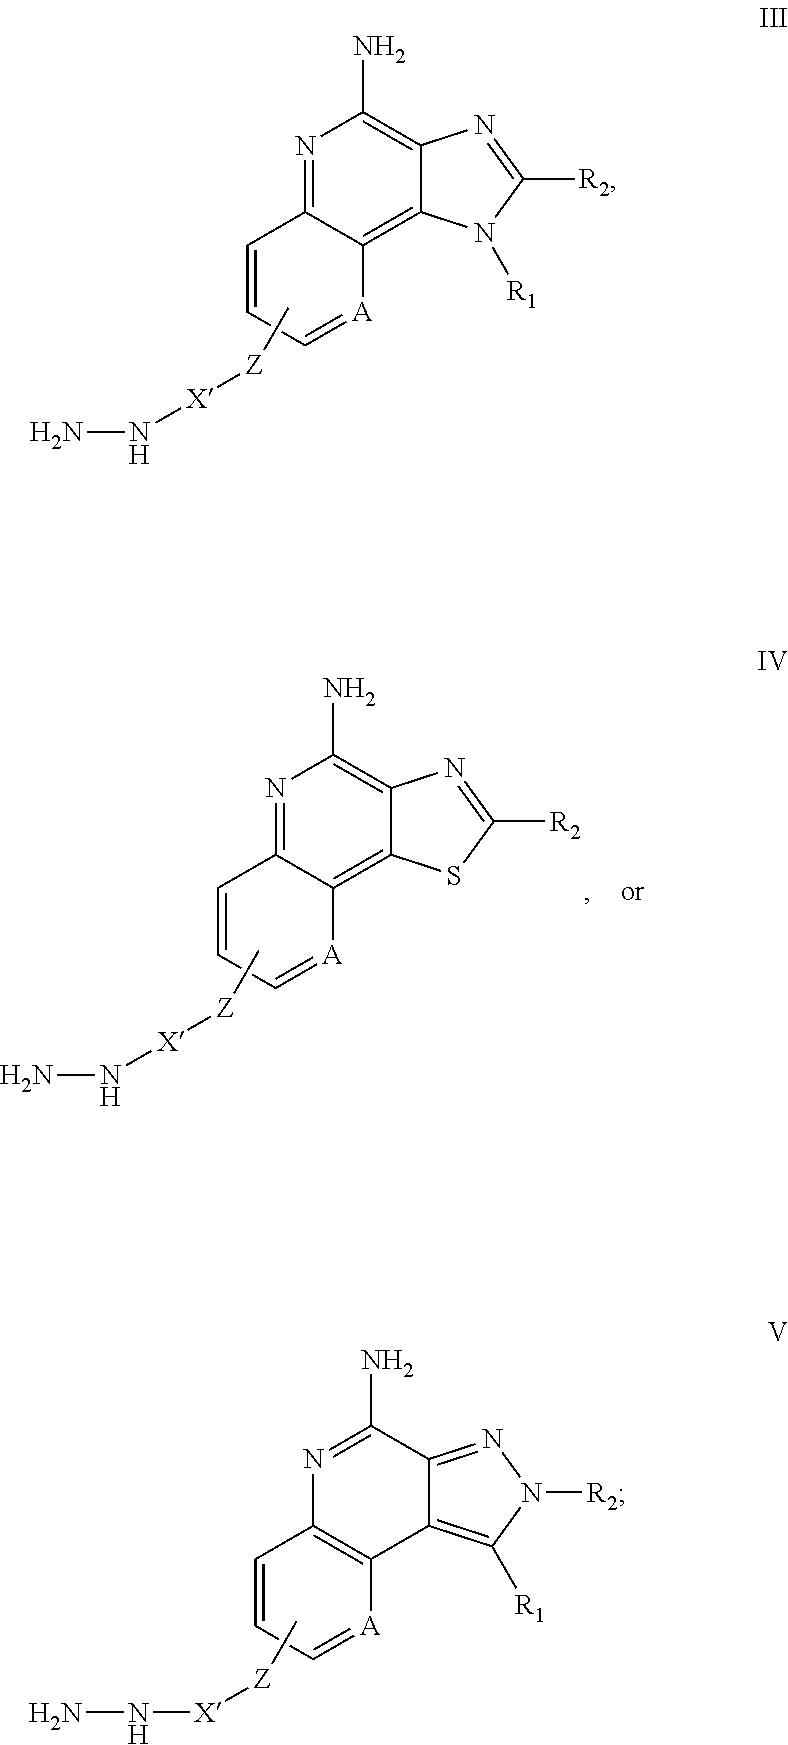 Figure US09475804-20161025-C00020